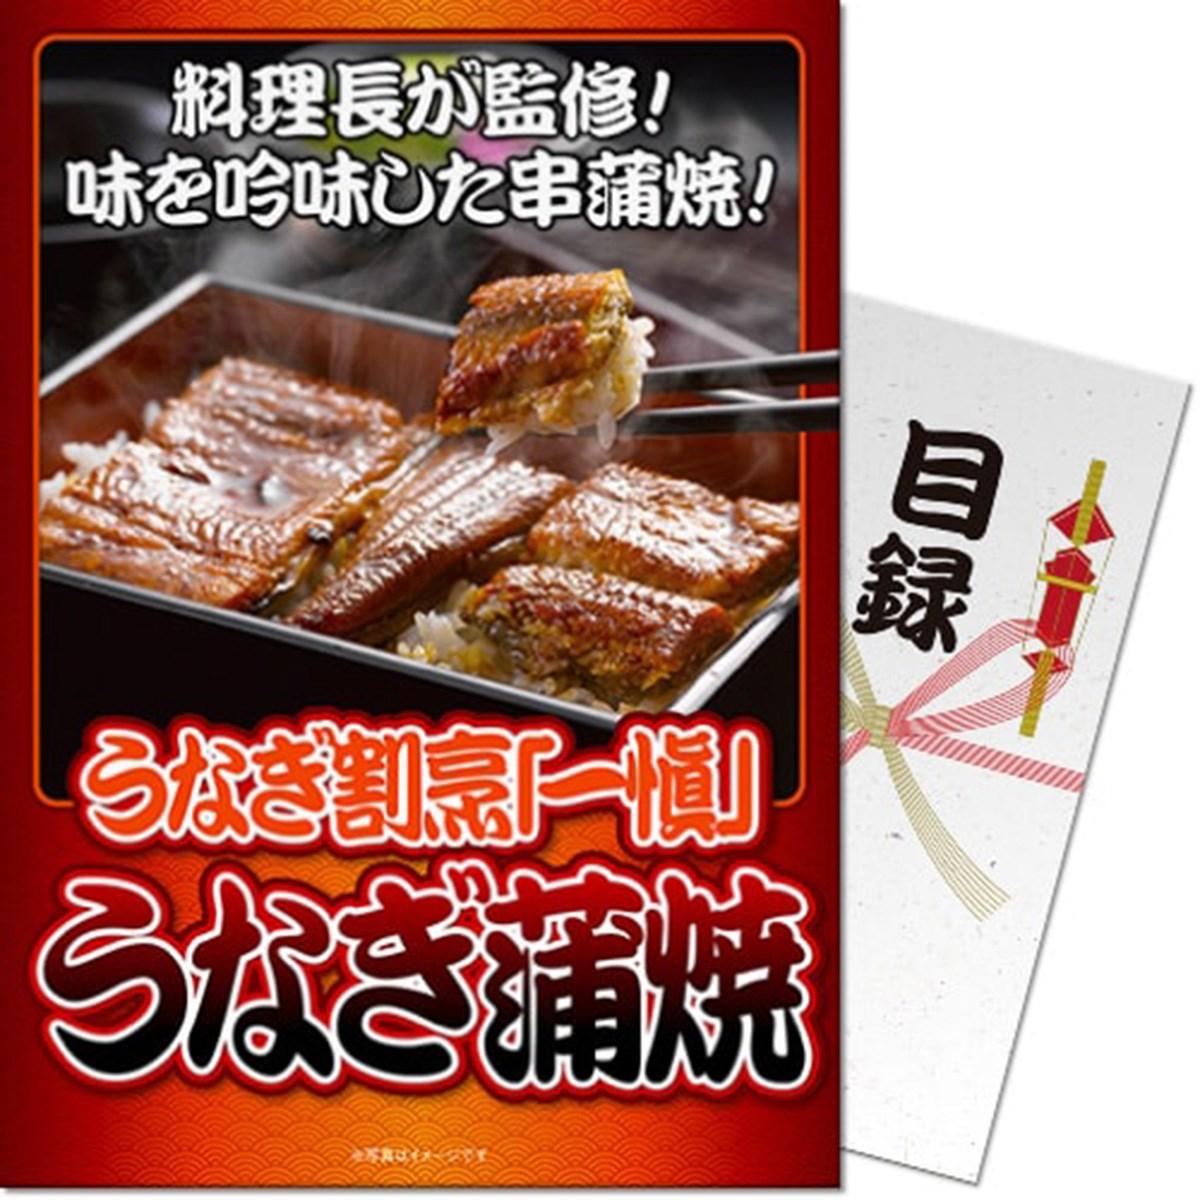 その他メーカー パネもく!うなぎ割烹「一愼」特製蒲焼 目録 A4パネル付き